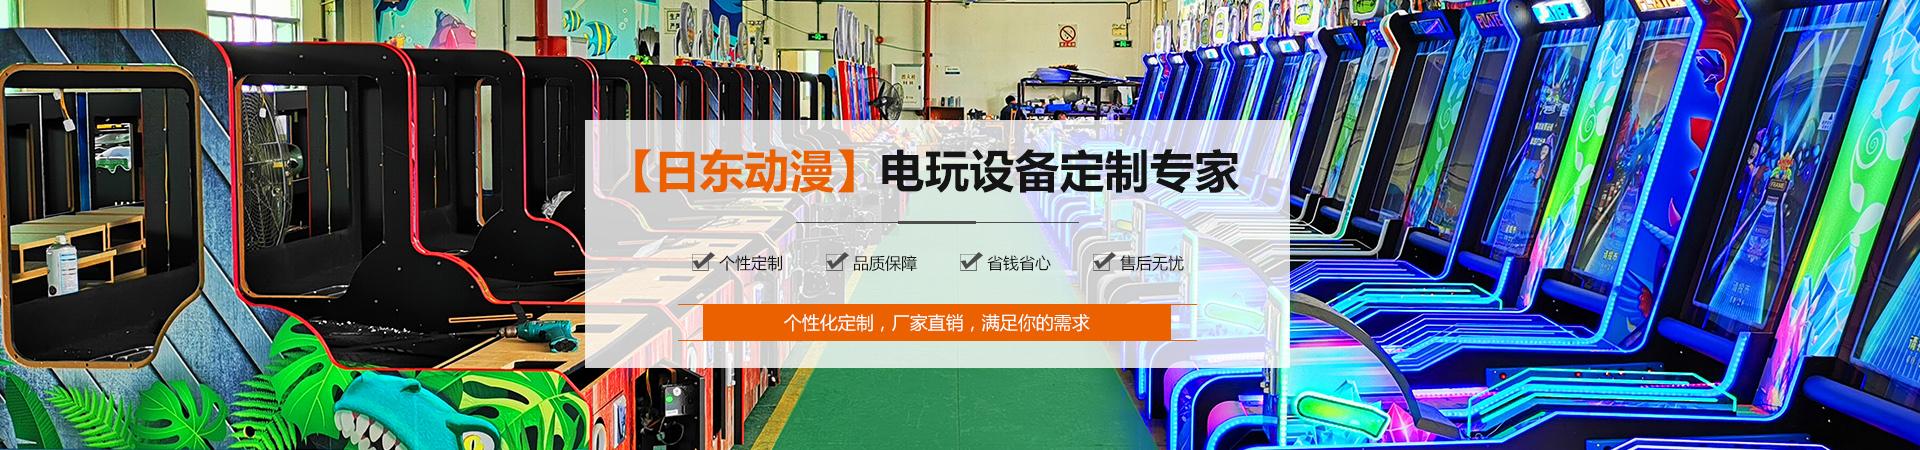 Entertainment machine manufacturer